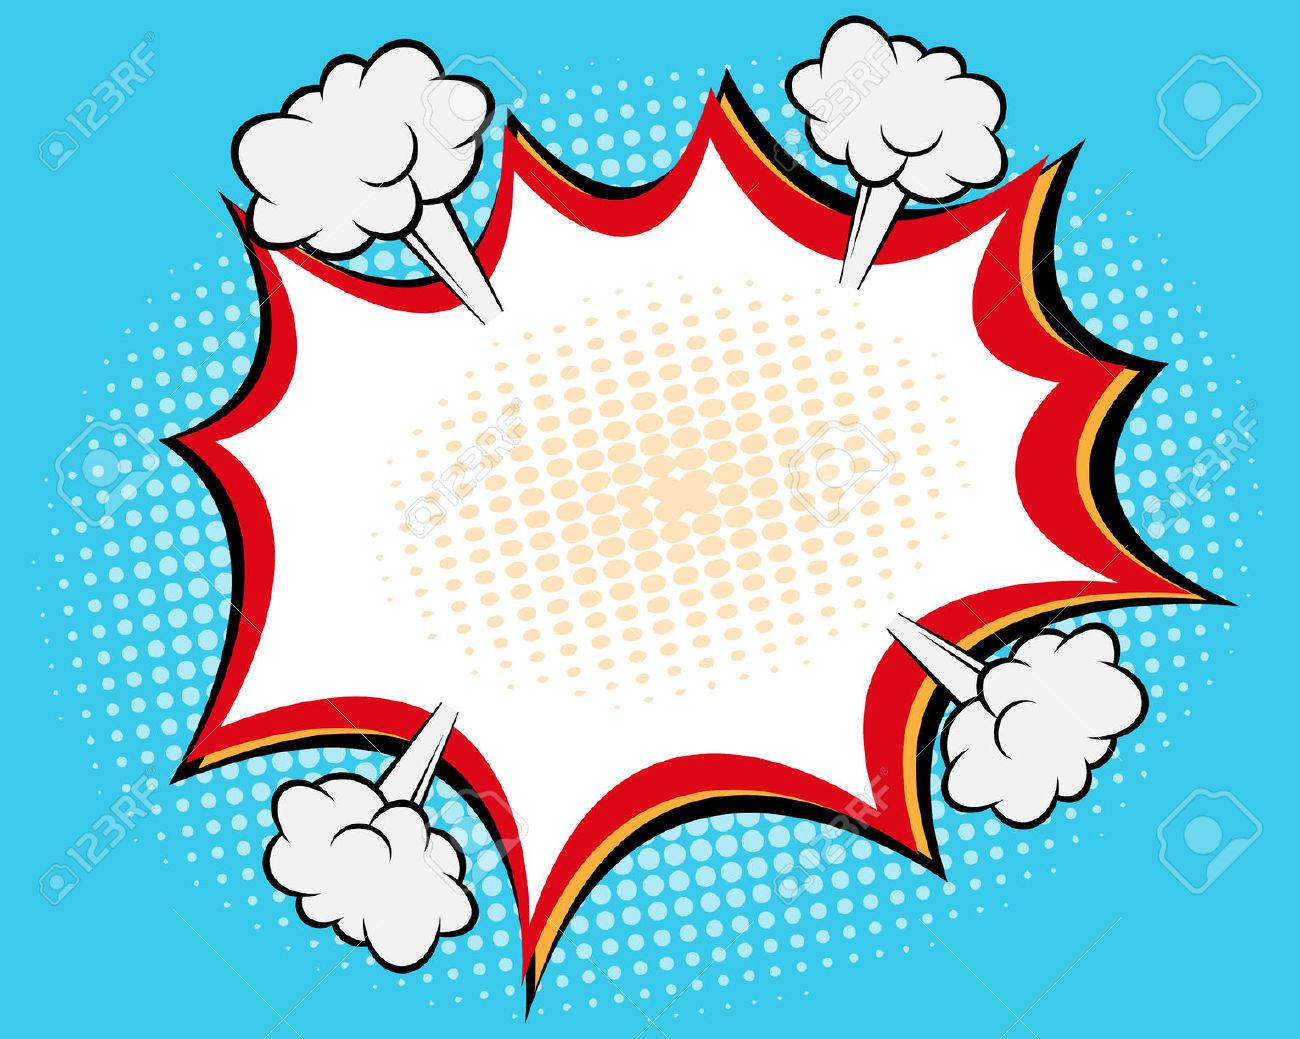 1300x1039 Comics Clipart Action Bubble